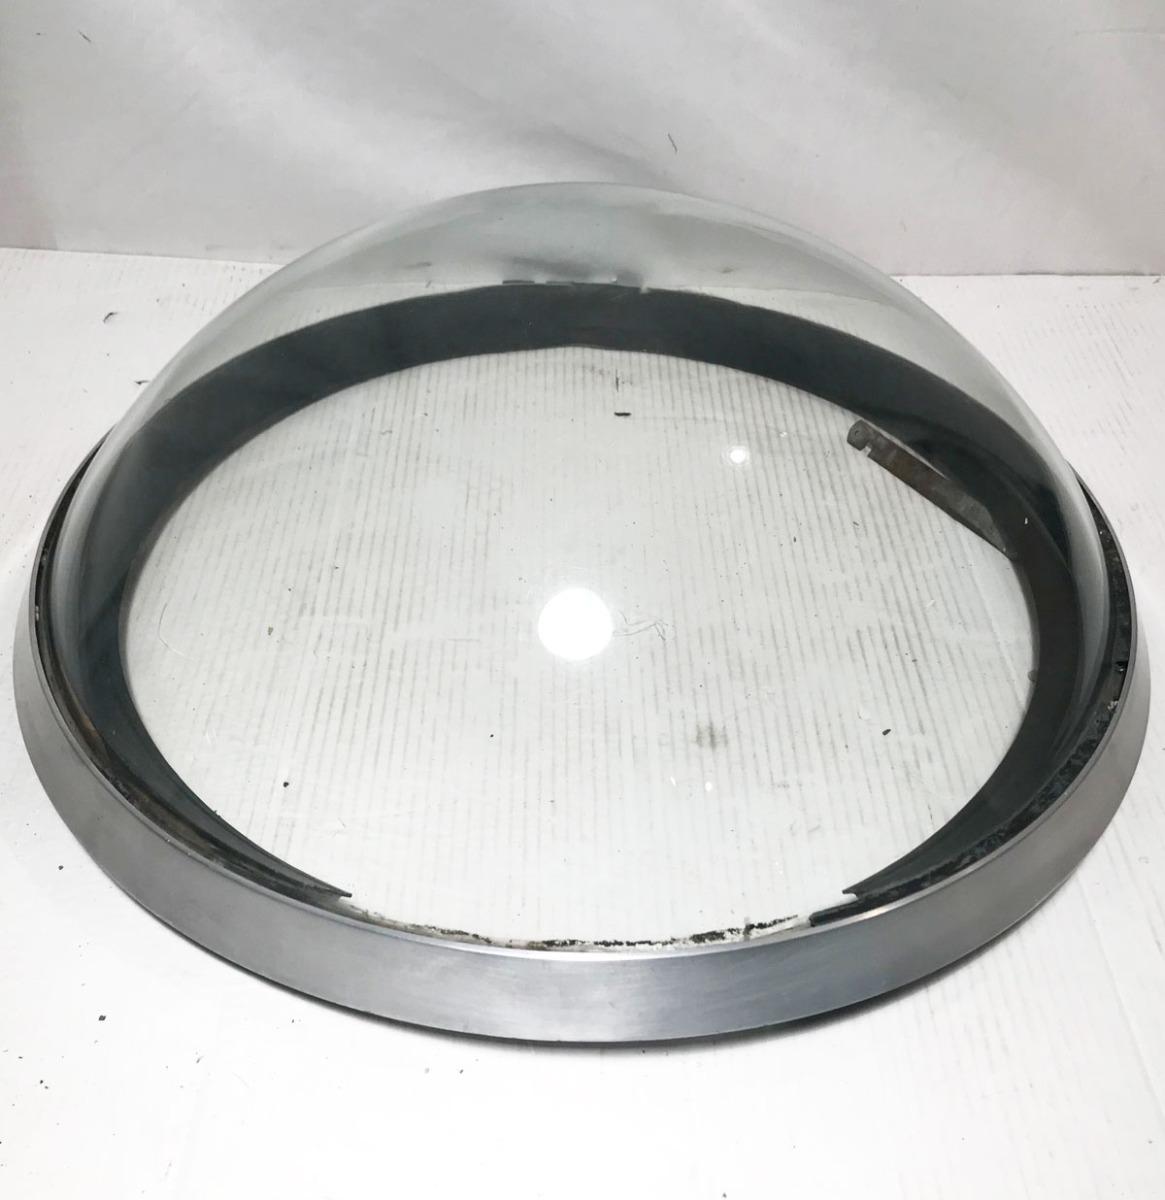 Originele Dome plus ring voor de Ami Continental 1 of 2 Jukebox